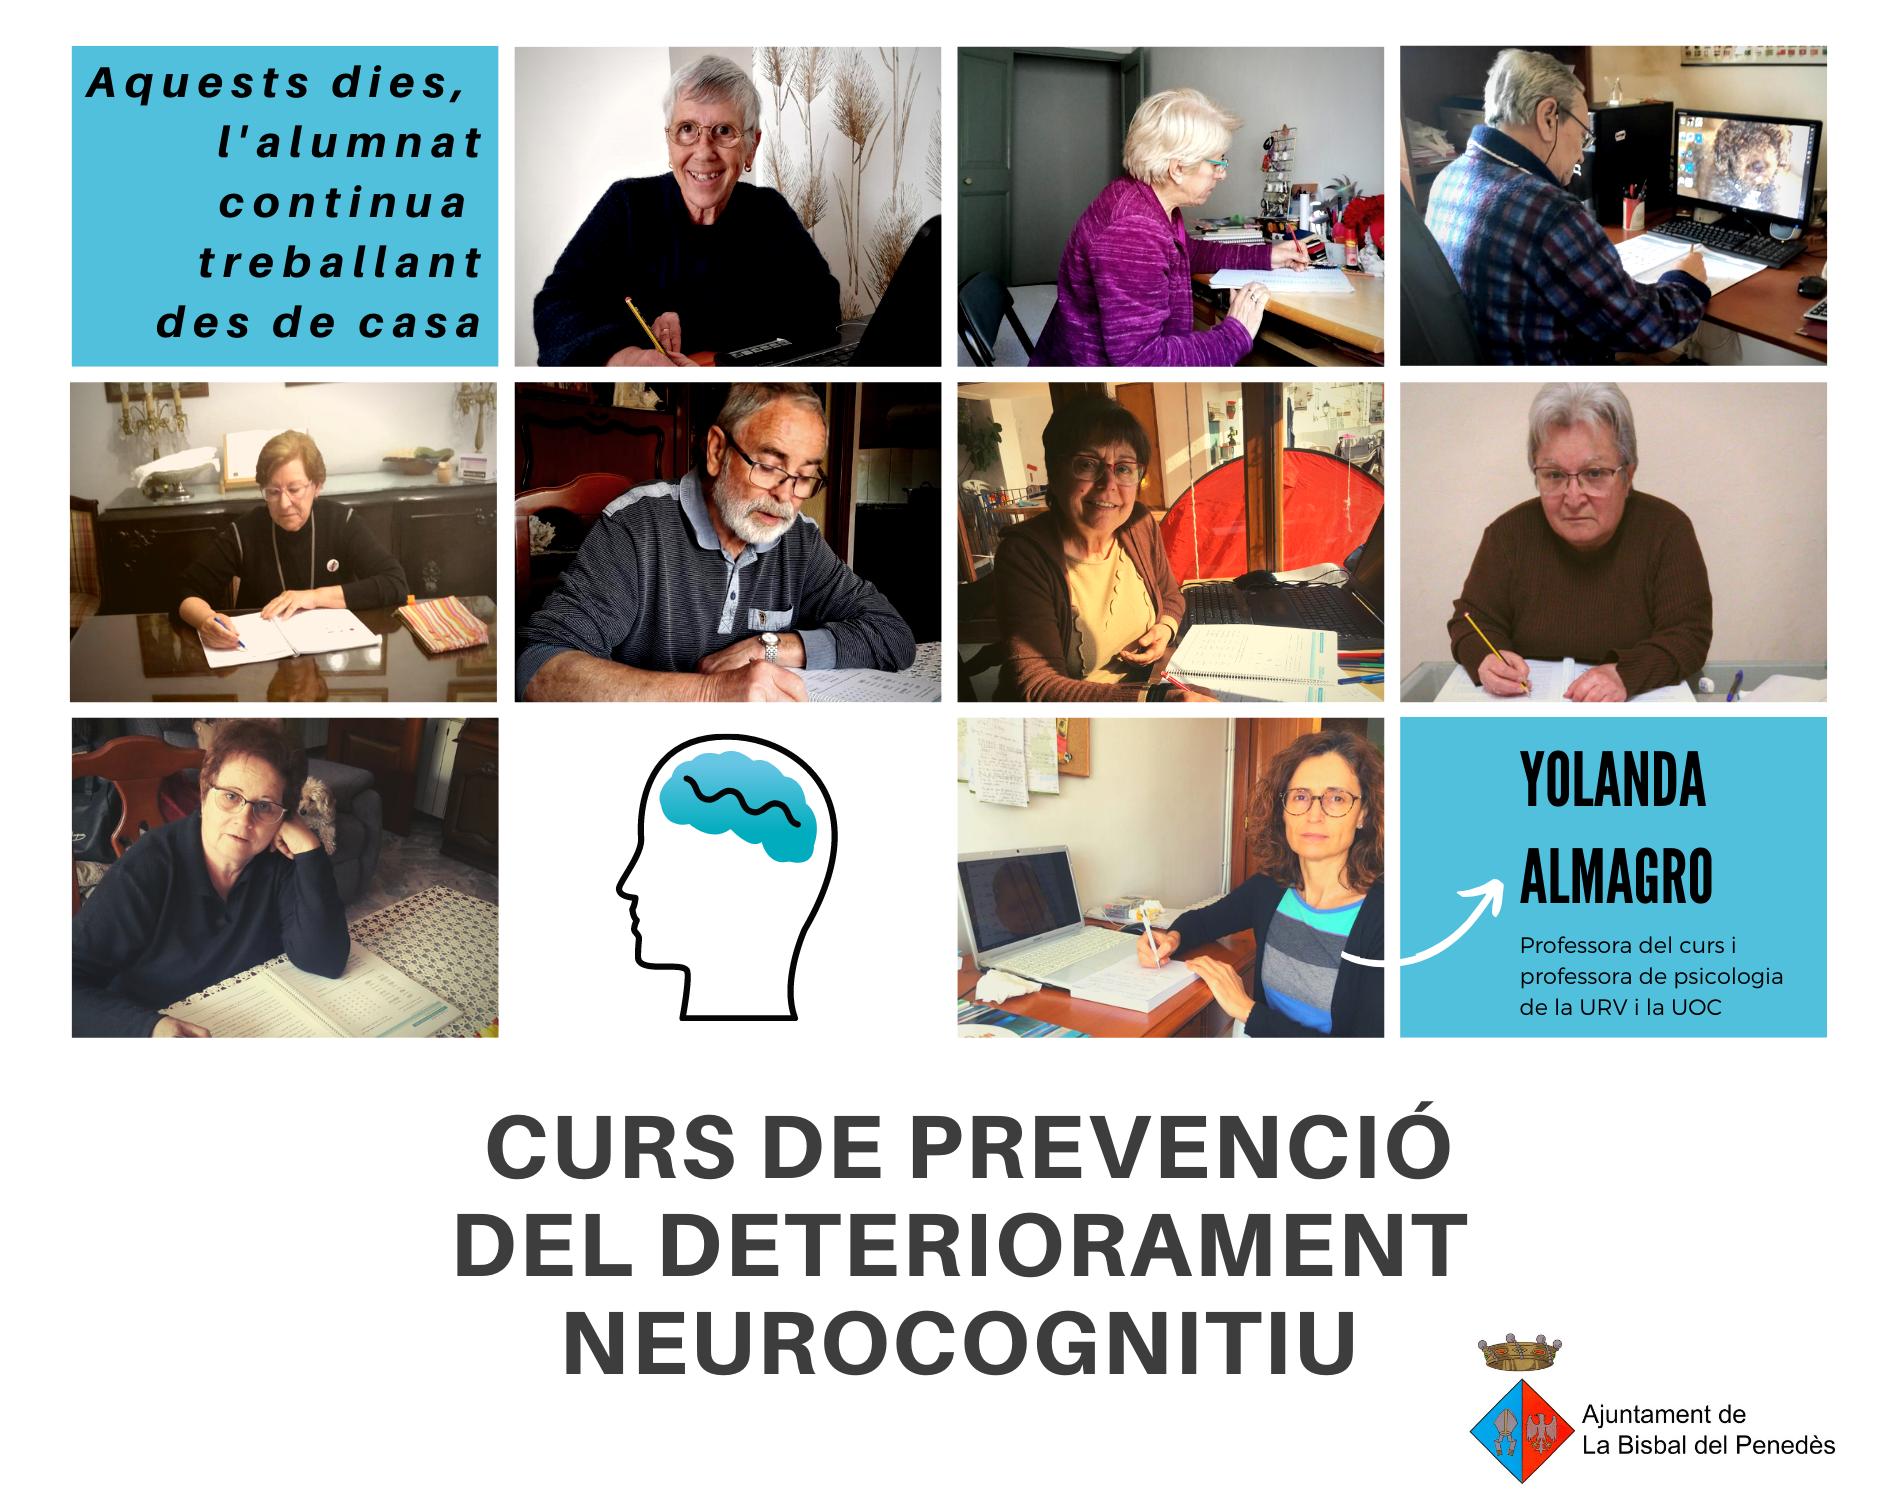 Les noves tecnologies permeten que el curs de prevenció del deteriorament neurocognitiu continuï tot i la situació d'alarma generada pel Covid-19